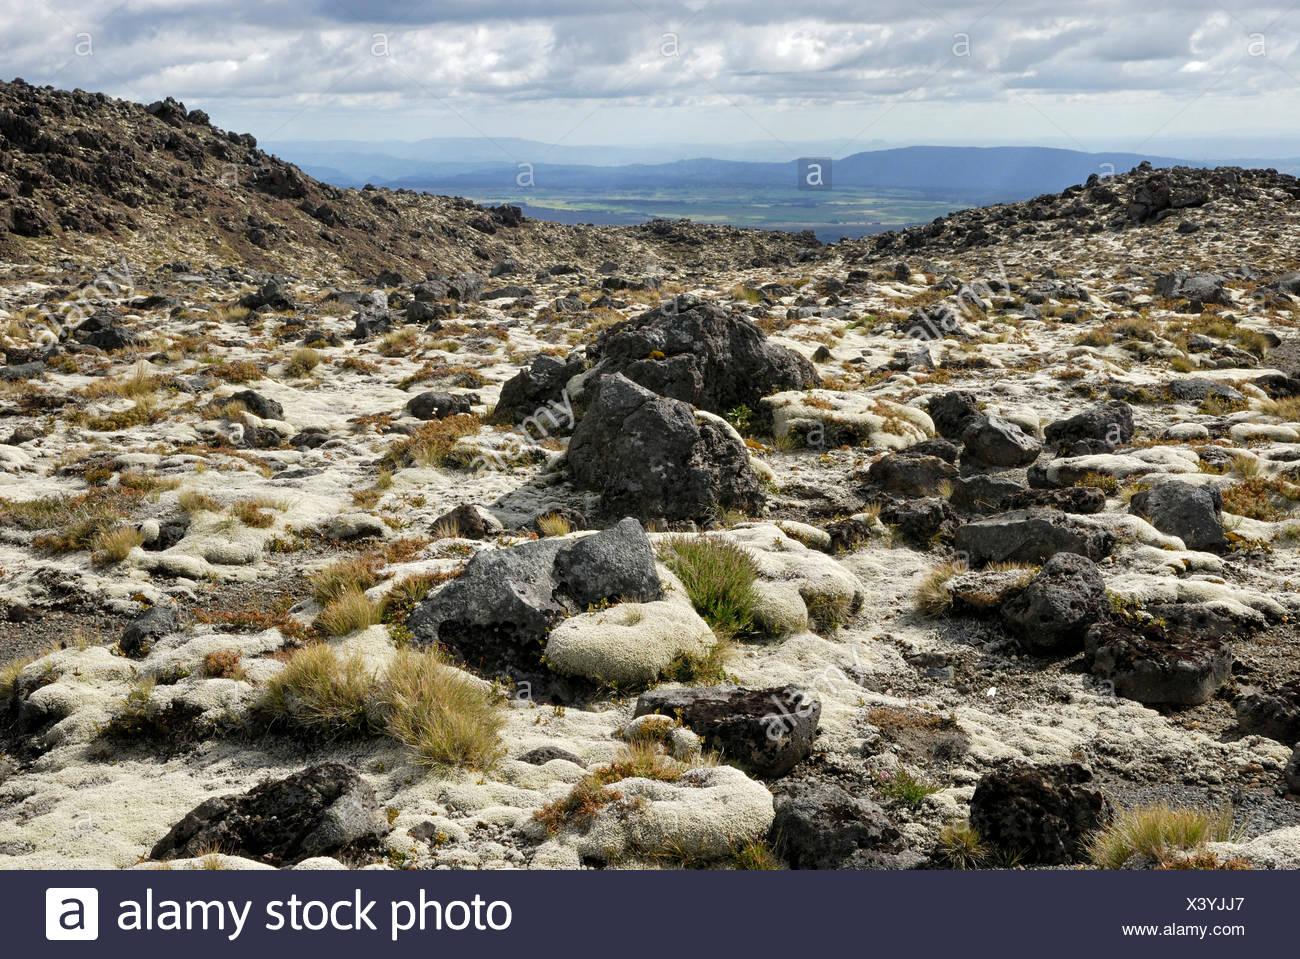 Le rocce vulcaniche parzialmente ricoperta con MOSS, Monte Ruapehu, Tongariro National Park, North Island, Nuova Zelanda Immagini Stock